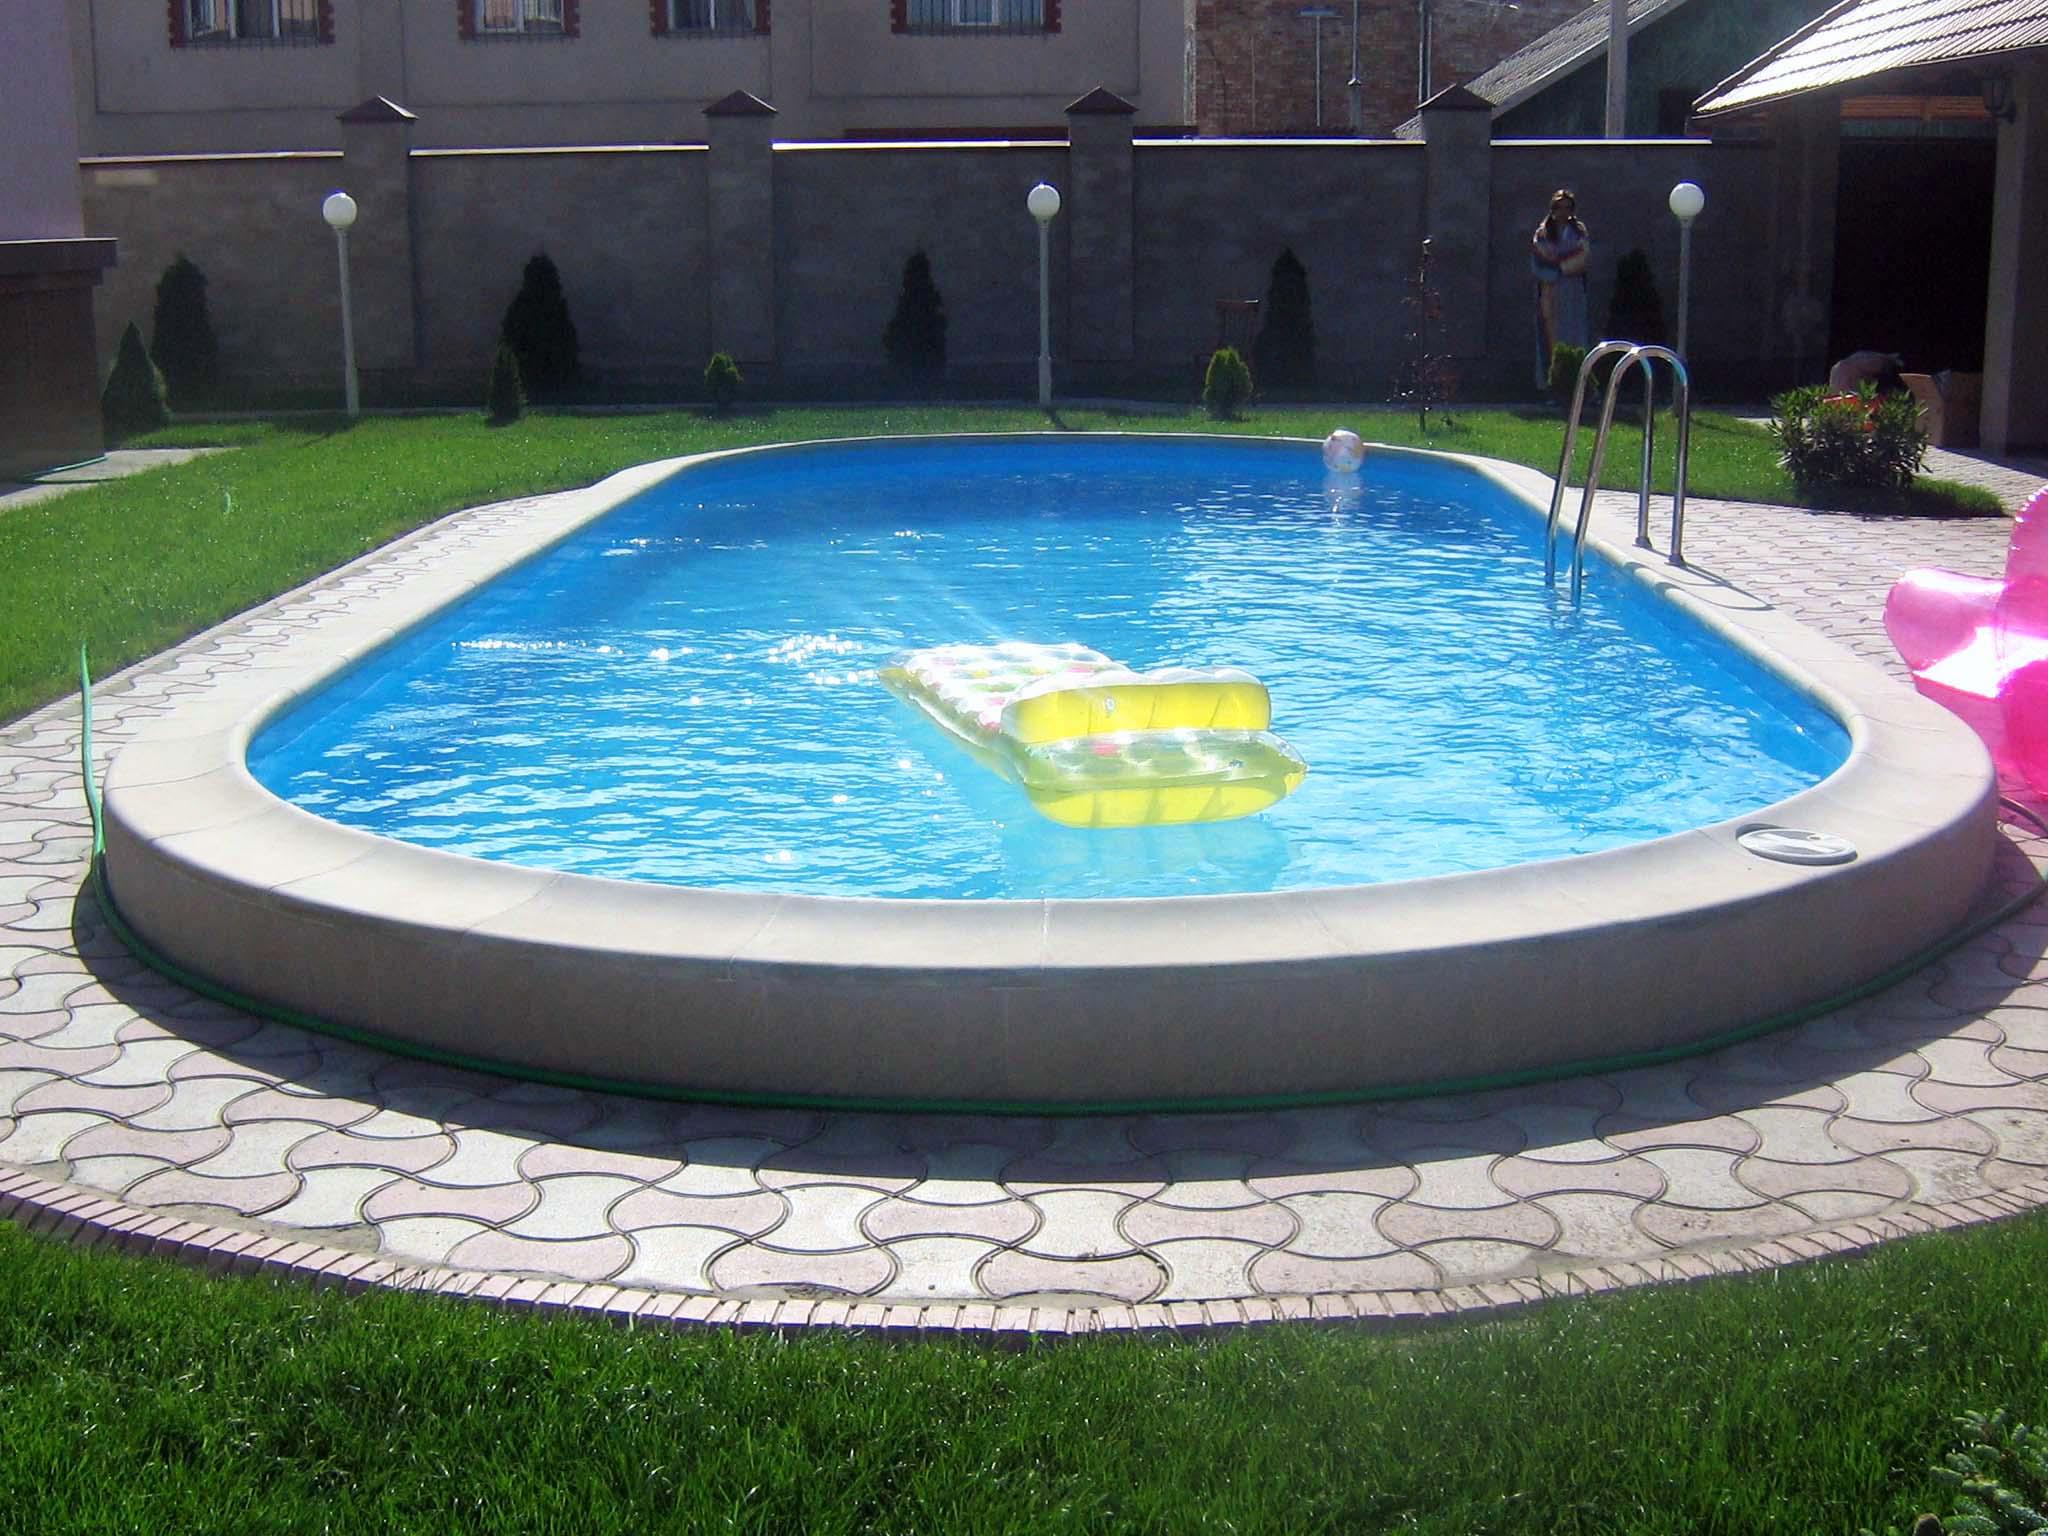 Чистая вода в бассейне или как обеззаразить воду